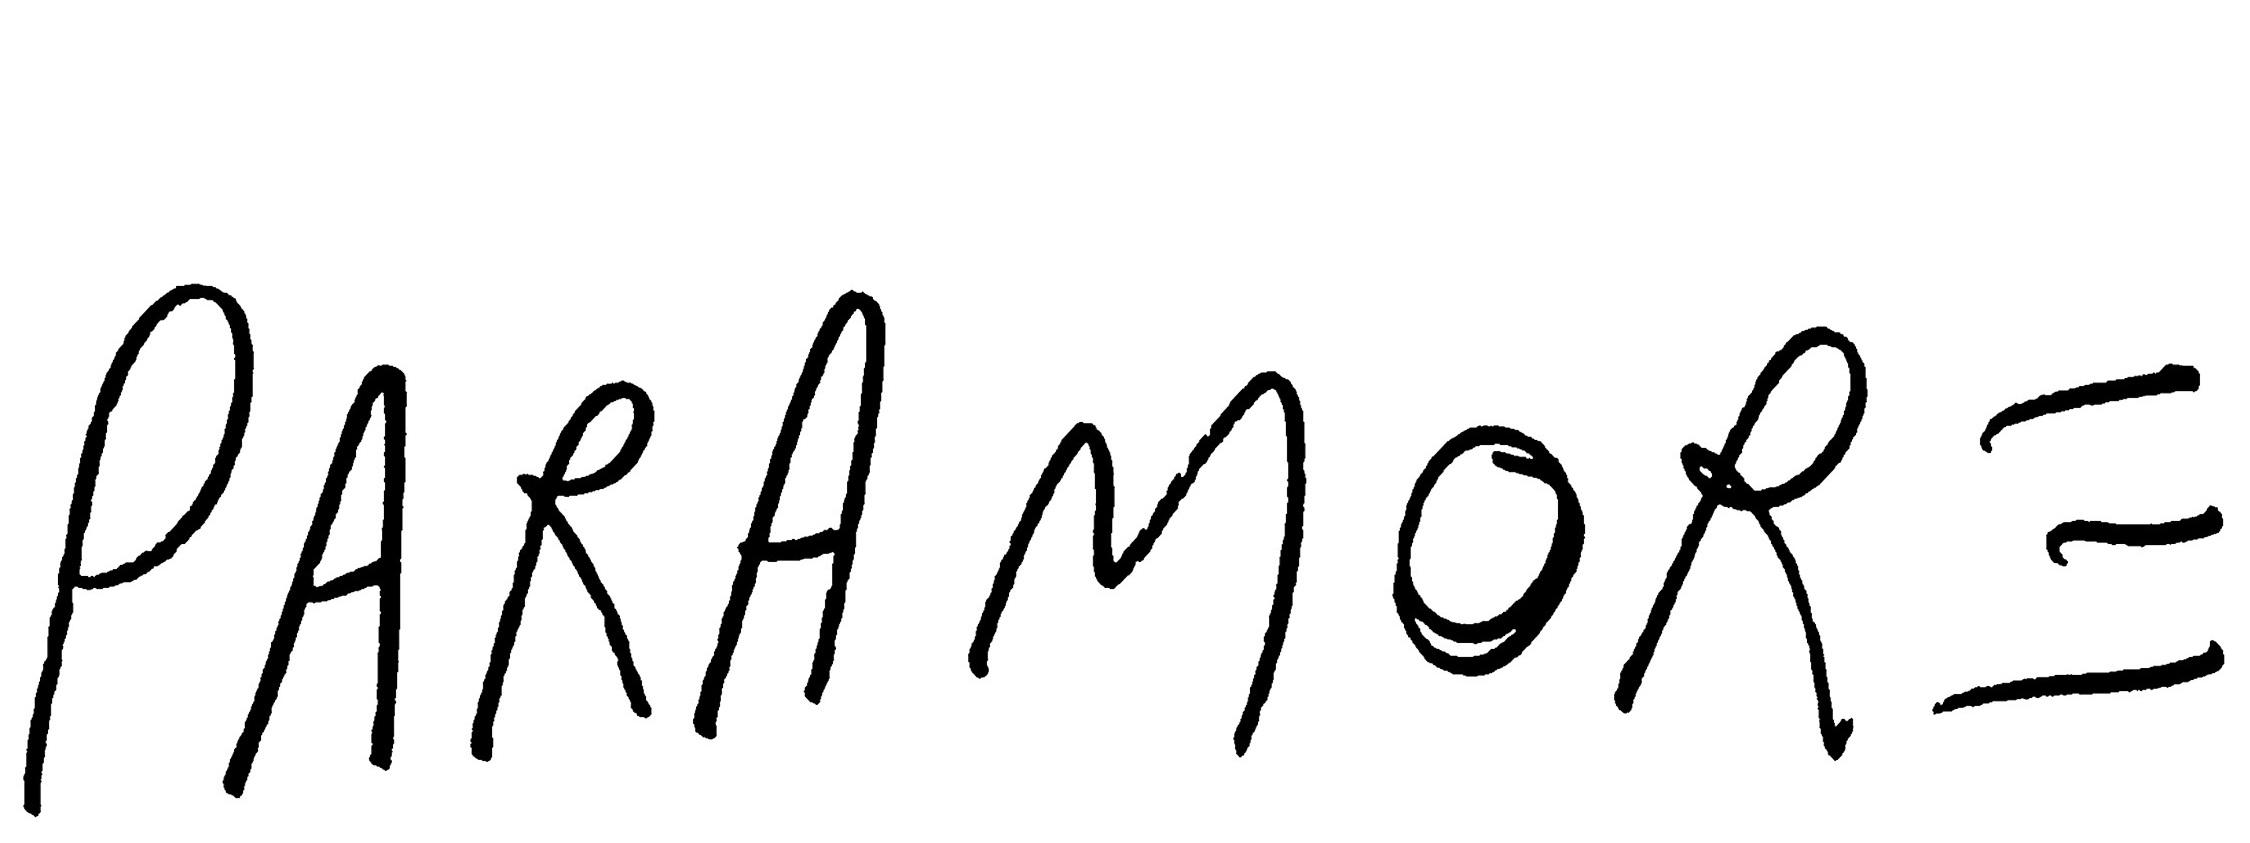 paramore band logo - photo #3